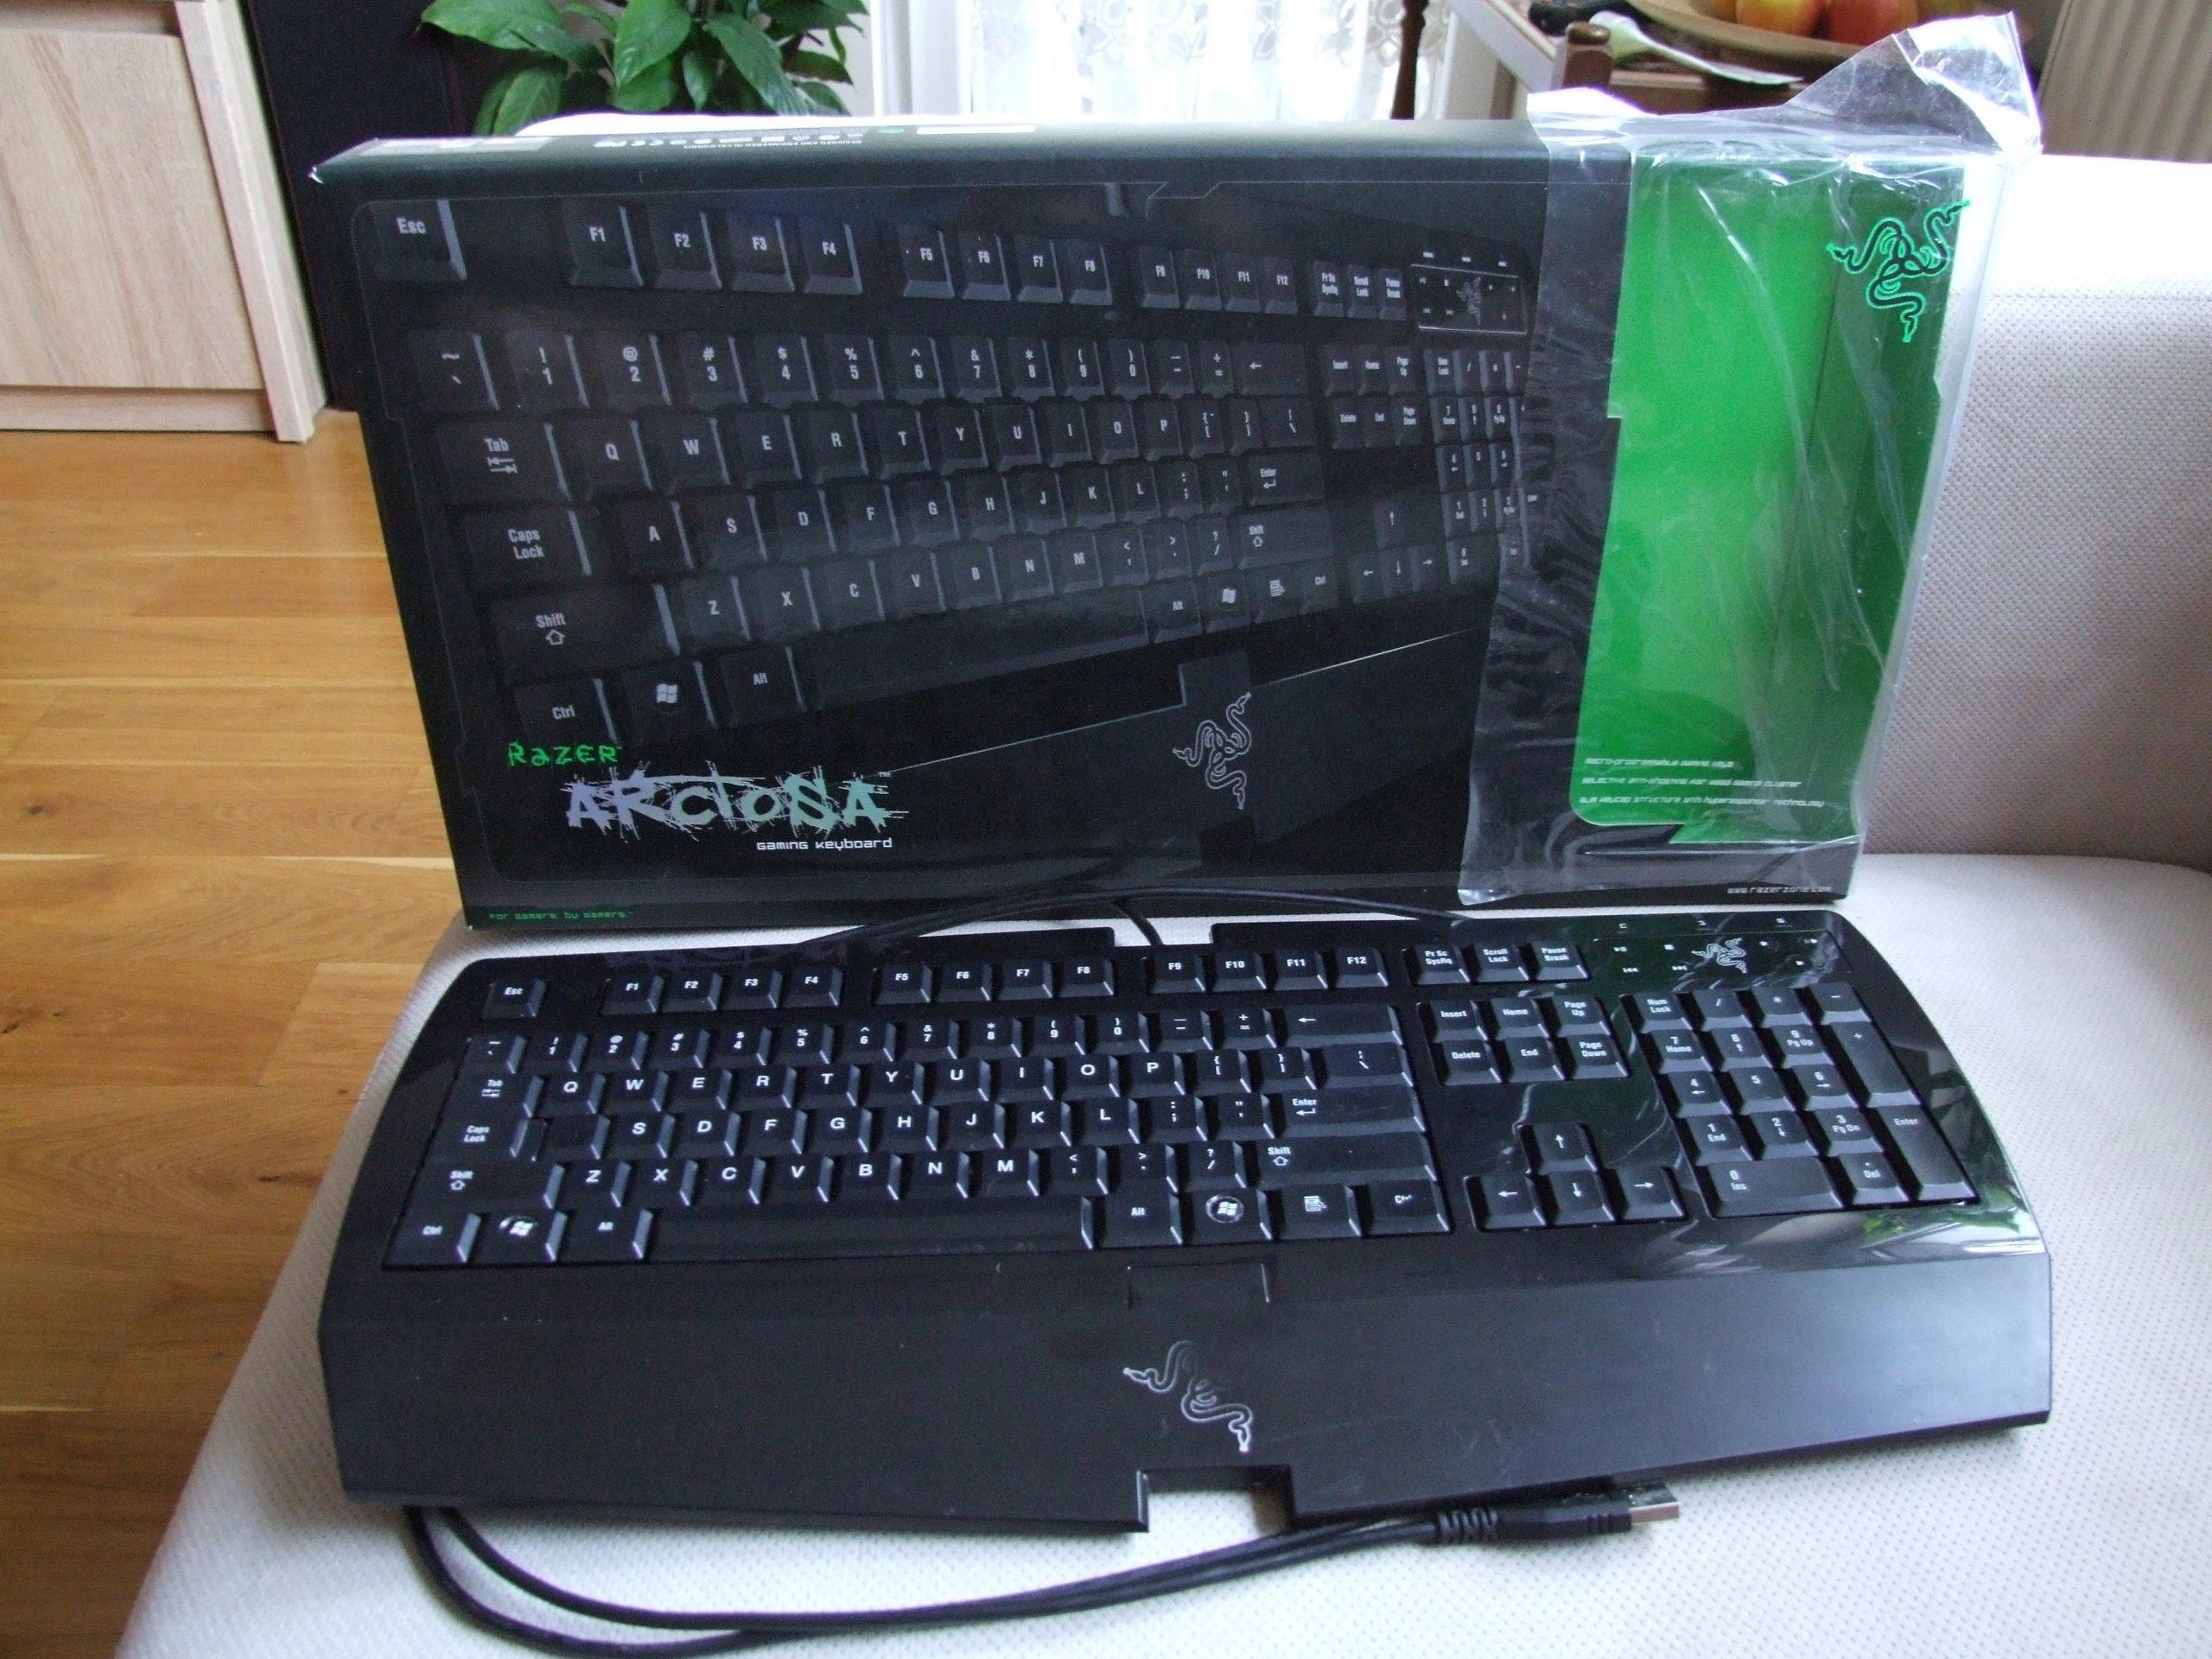 Razer Klawiatura W Oficjalnym Archiwum Allegro Strona 5 Anansi Mmo Gaming Keyboard Rz03 00550100 R3m1 Ofert